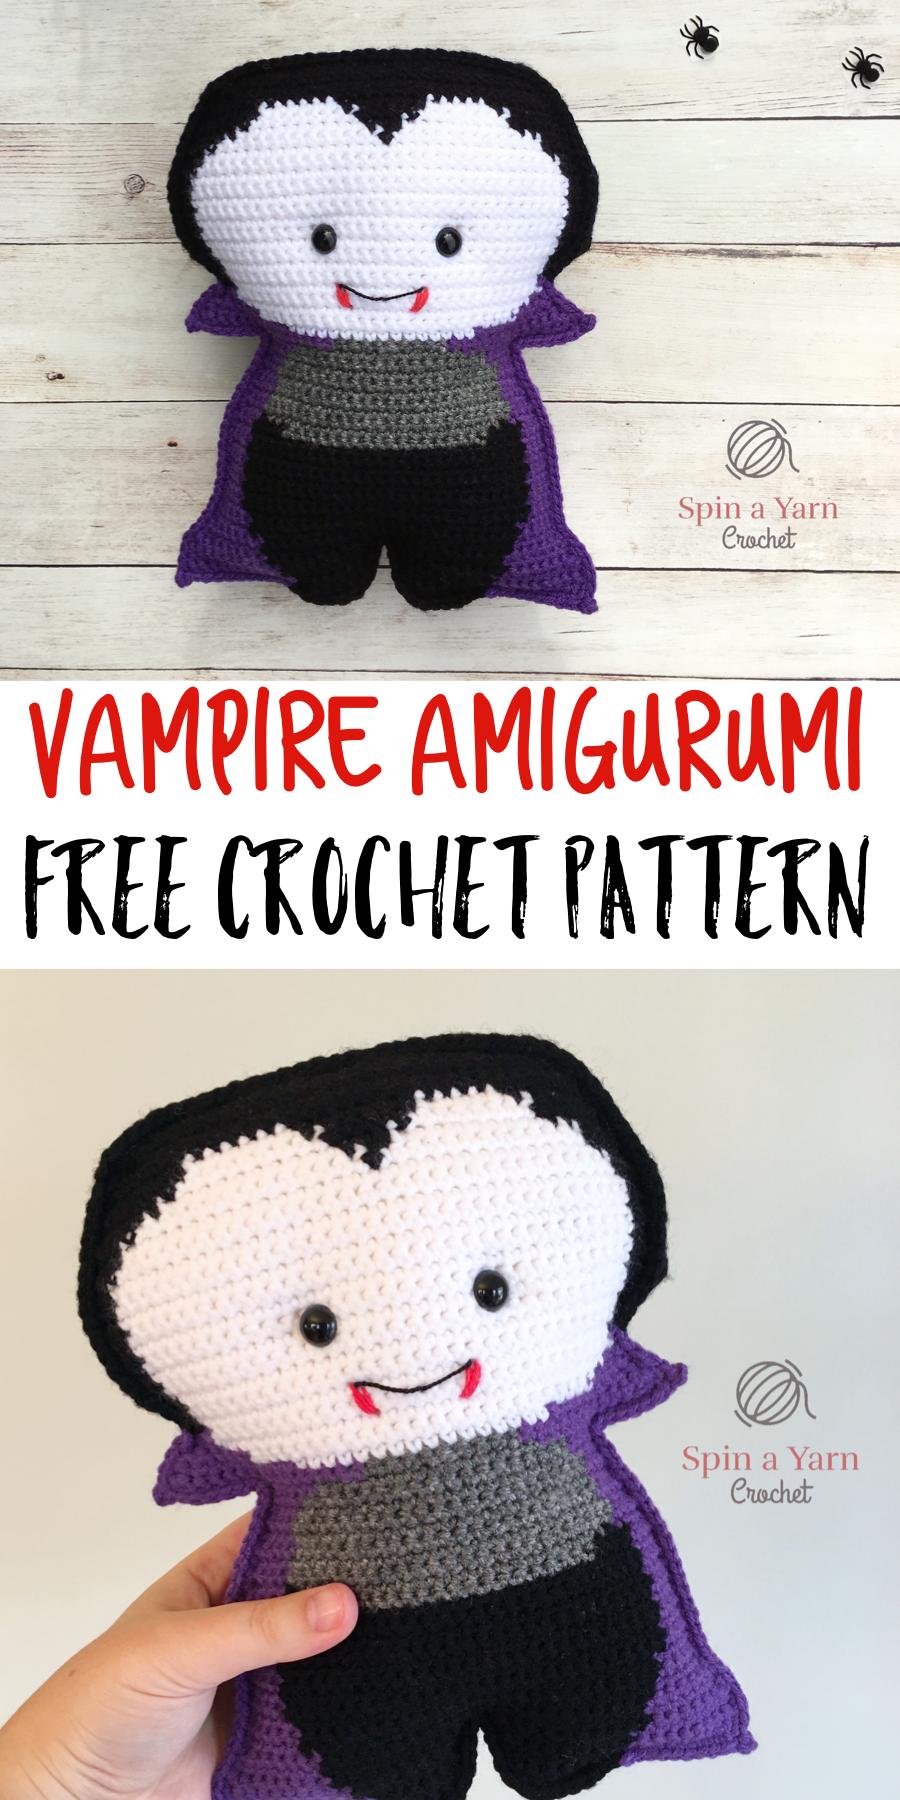 Vampire Amigurumi Free Crochet Pattern | Pinterest | Häkeln ...